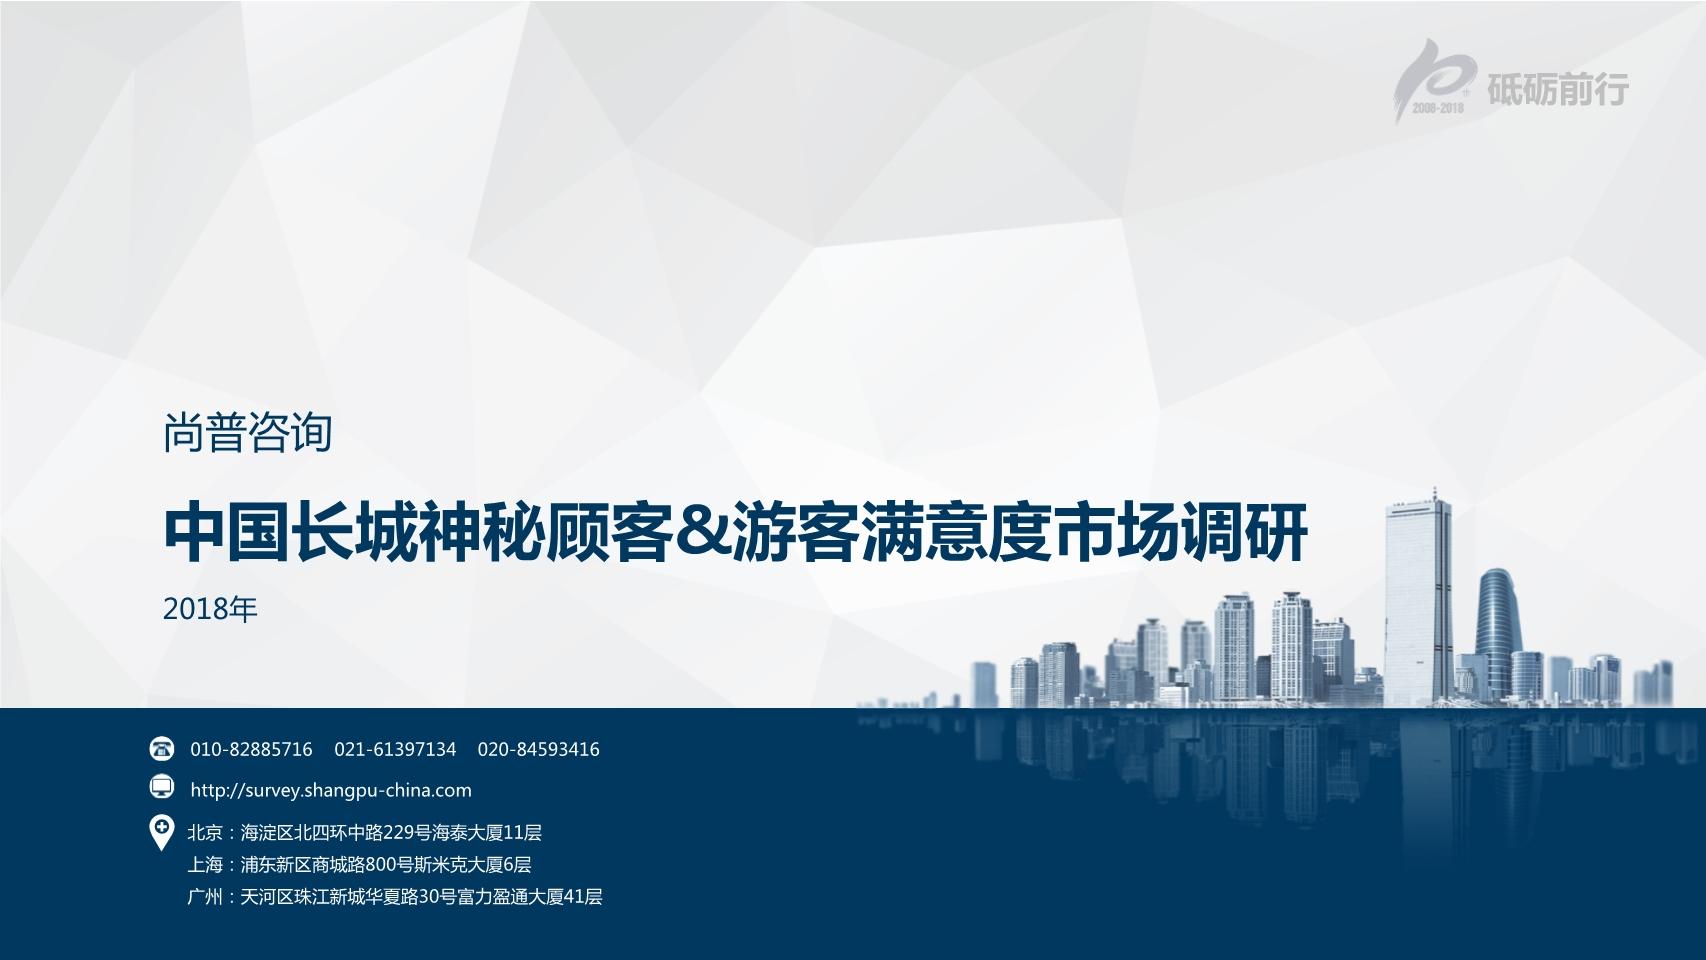 尚普咨询-中国长城神秘顾客&游客满意度市场调研